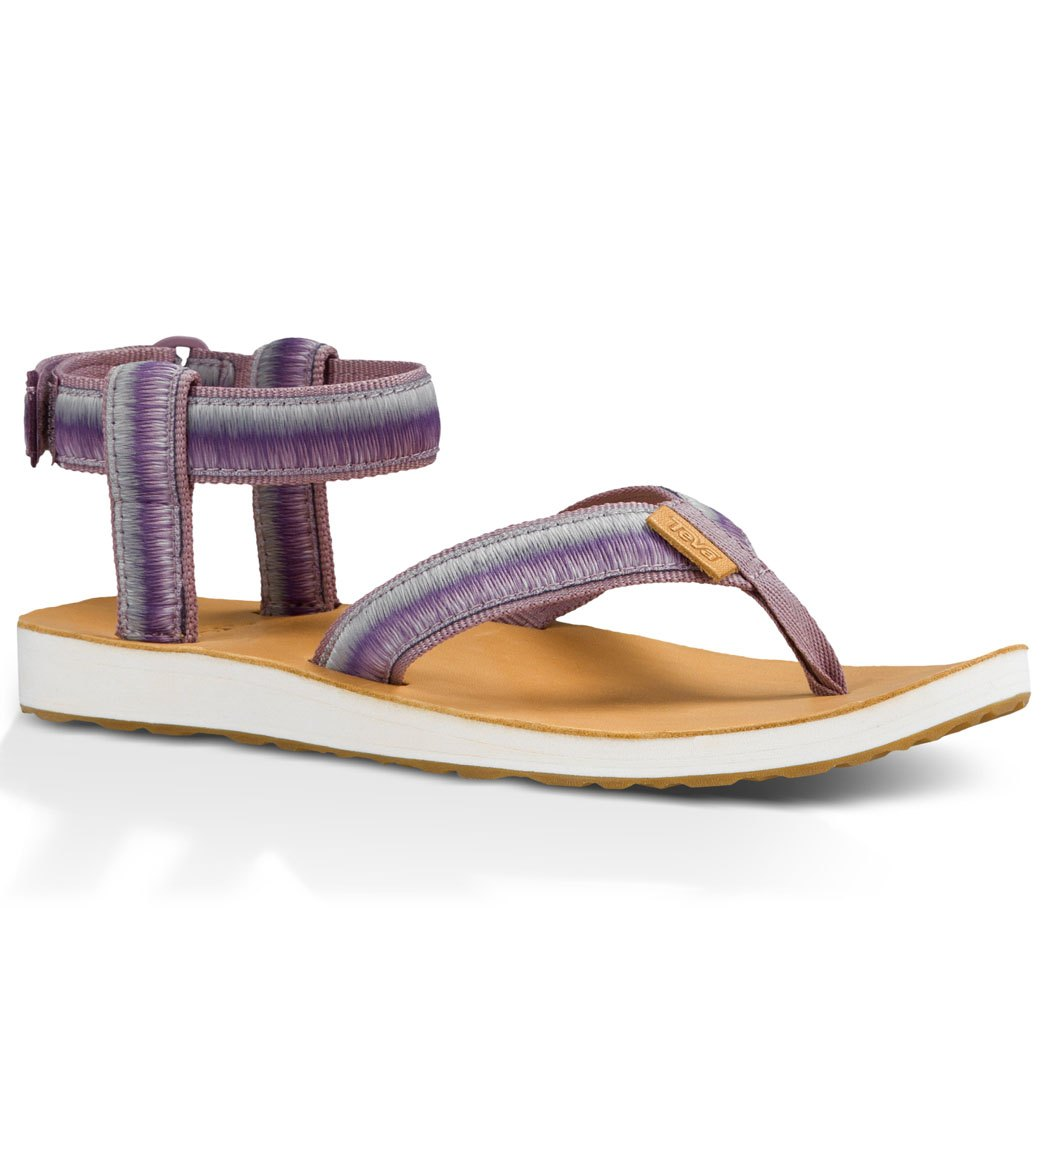 9e1d80665b118 Teva Women's Original Sandal Ombre